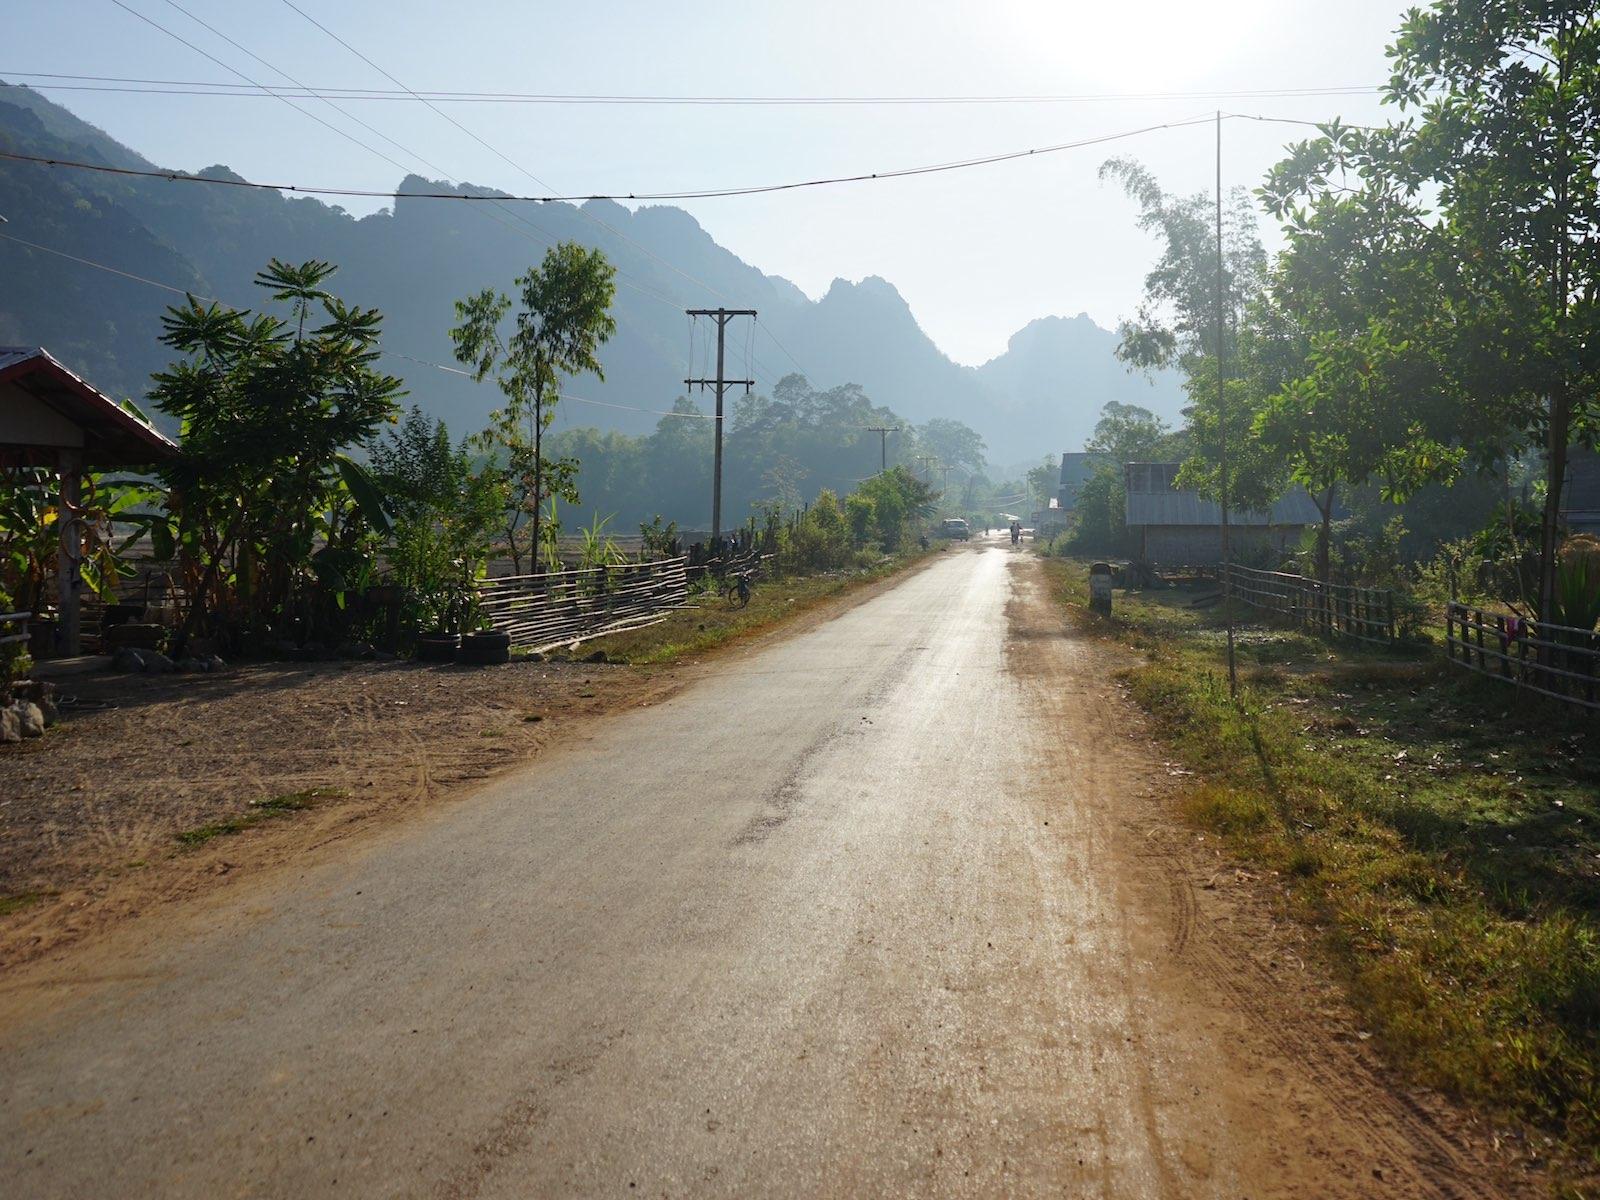 Thakhek loop